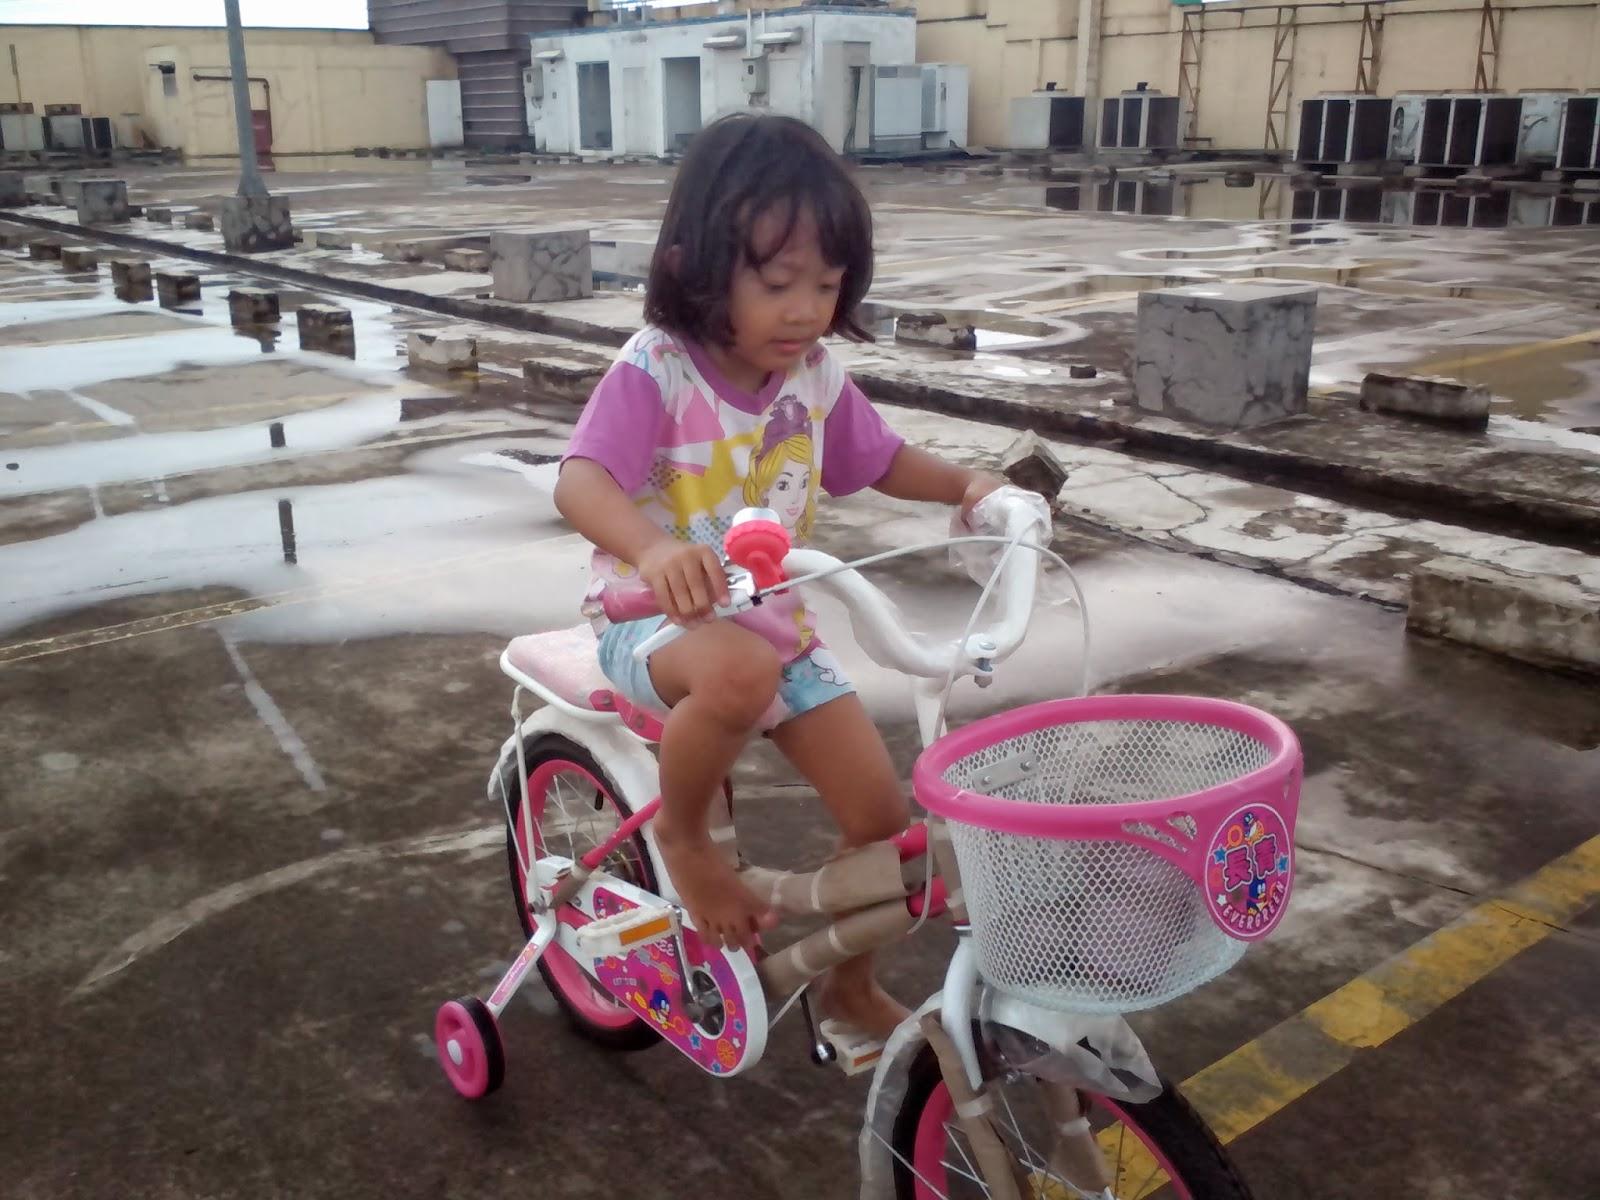 Keira Belajar Sepeda 3